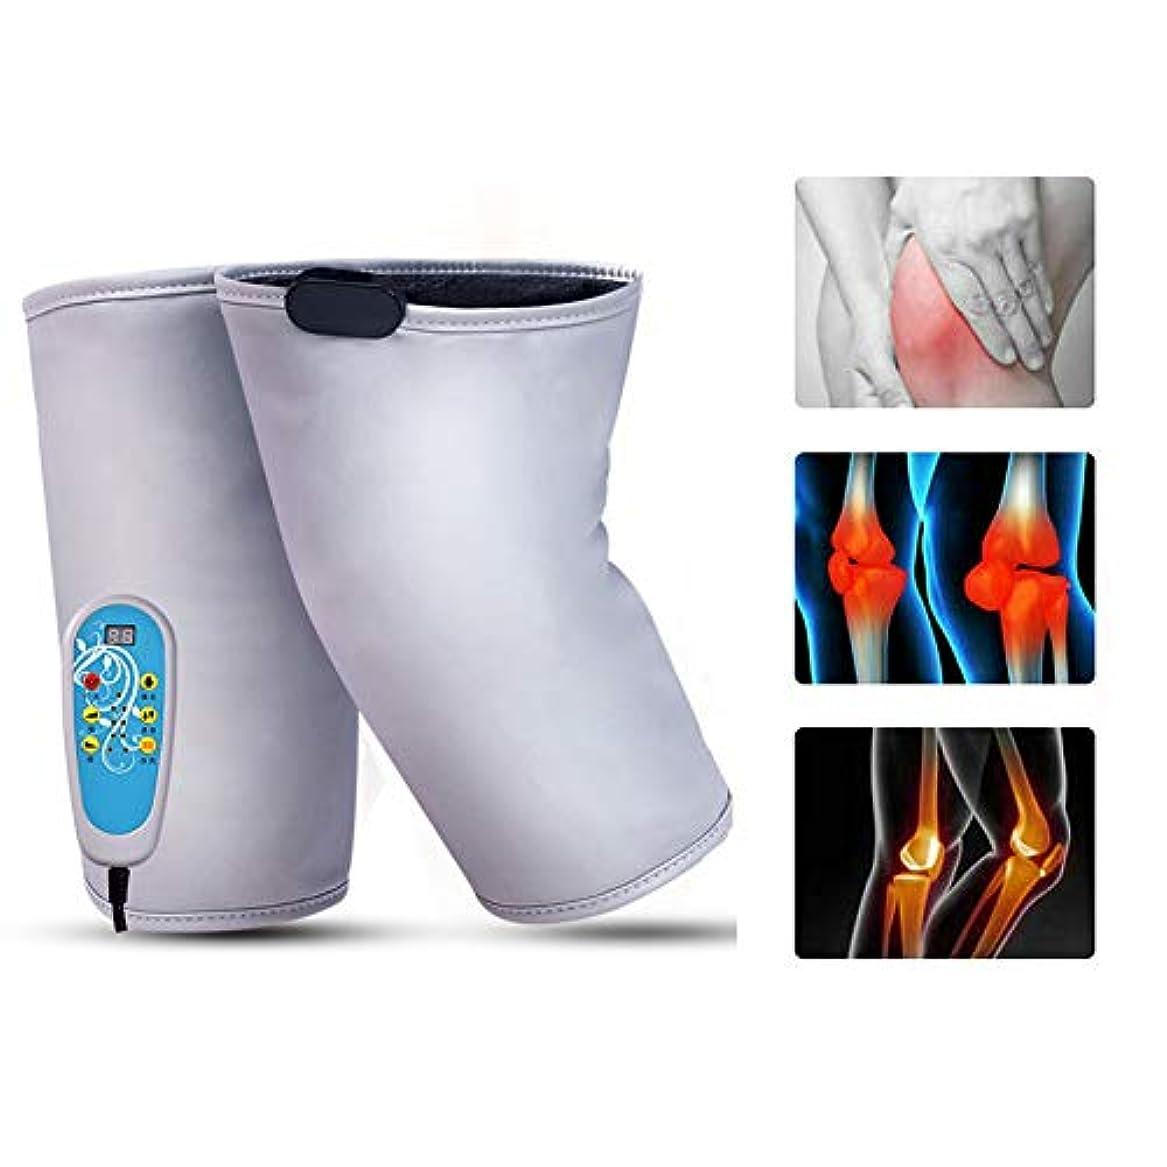 暖房膝装具サポート1対加熱膝パッドウォームラップ - 膝のけが、痛みを軽減するための9マッサージモードのセラピーマッサージャー